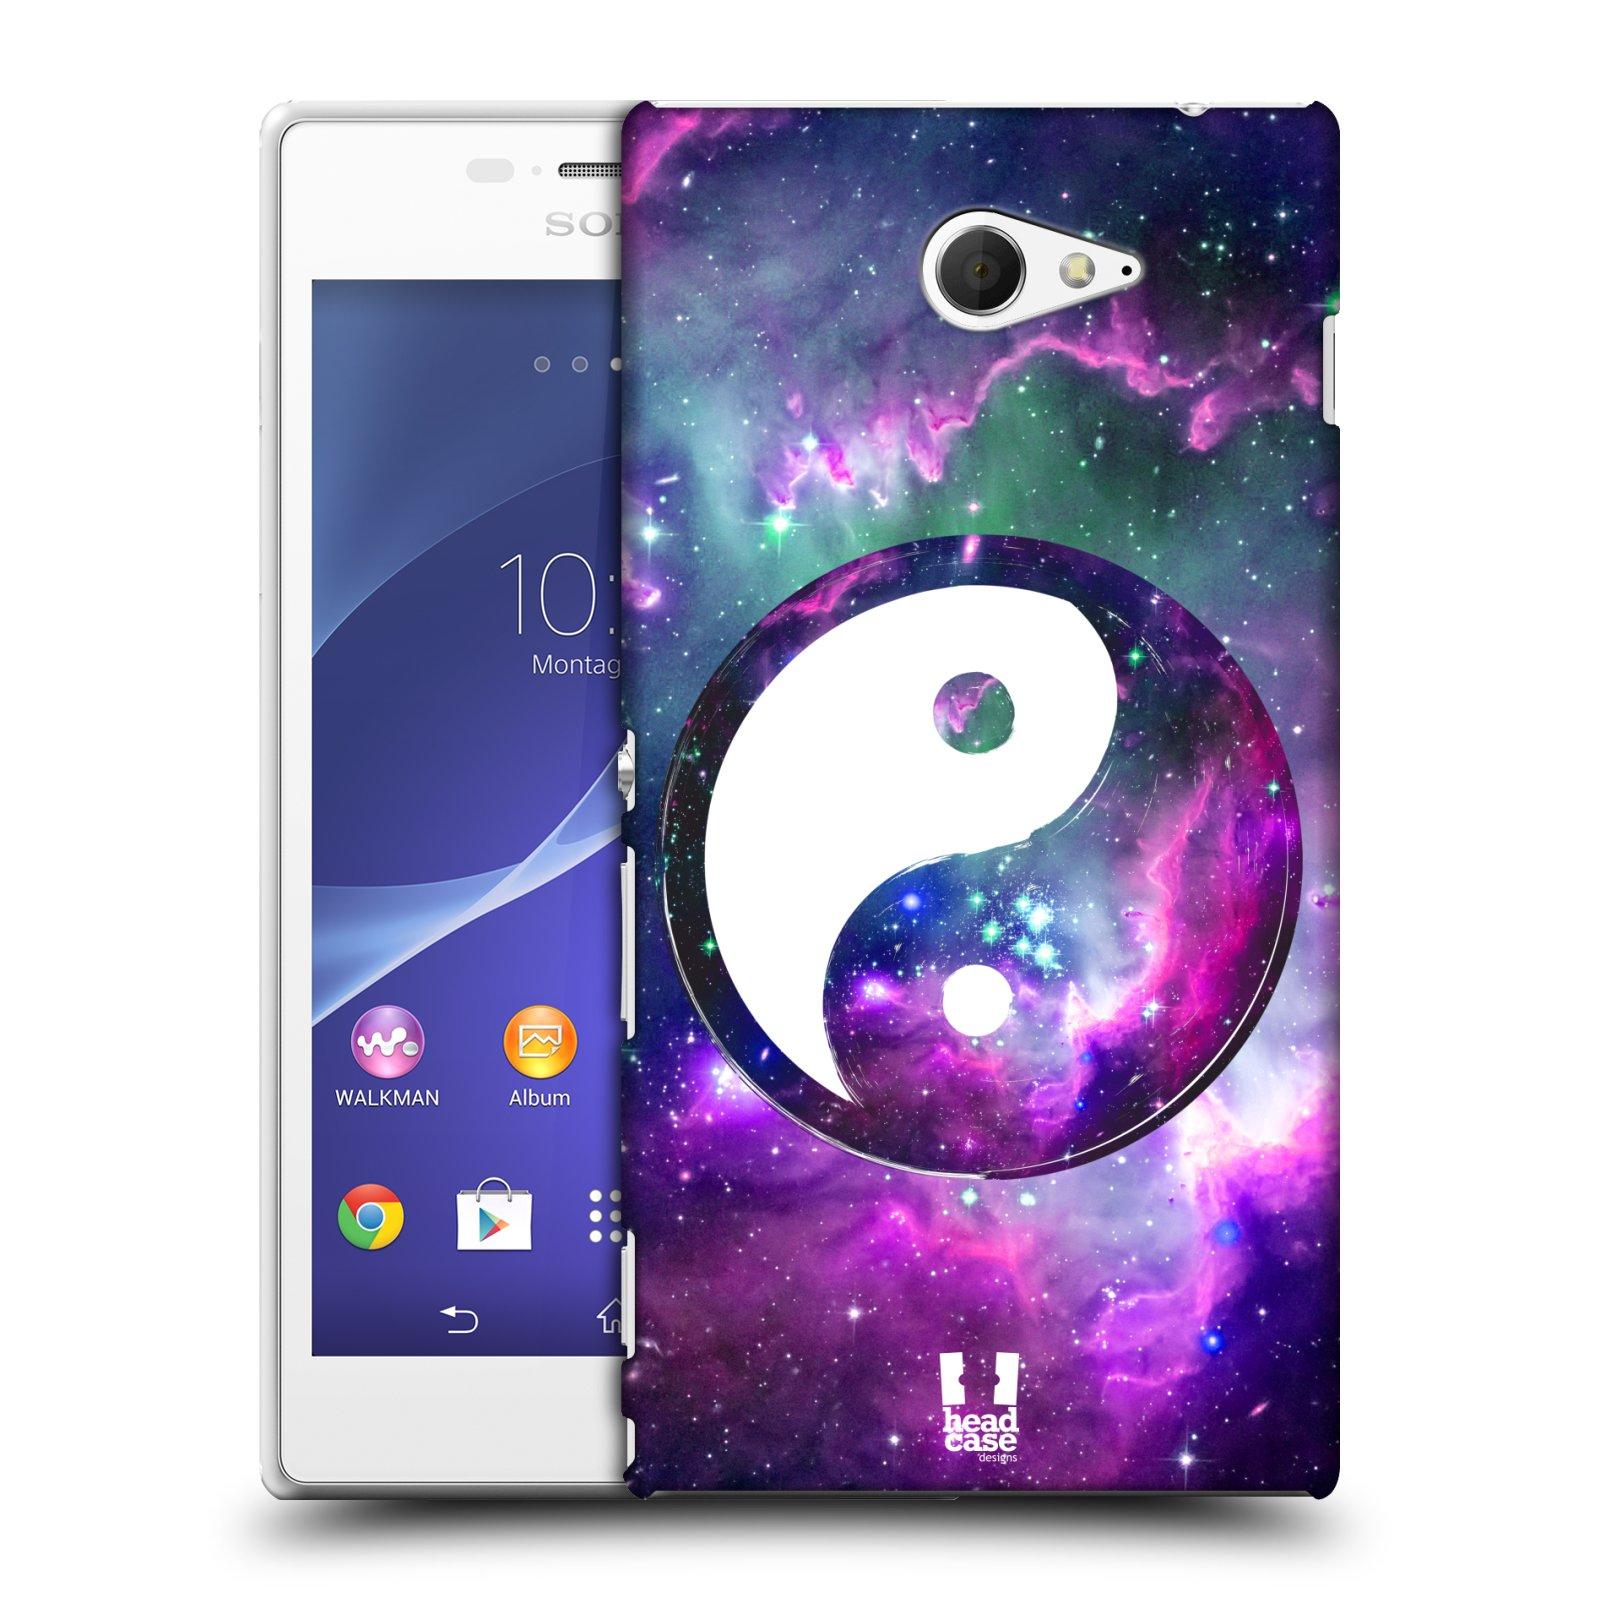 Plastové pouzdro na mobil Sony Xperia M2 D2303 HEAD CASE Yin a Yang PURPLE (Kryt či obal na mobilní telefon Sony Xperia M2 )